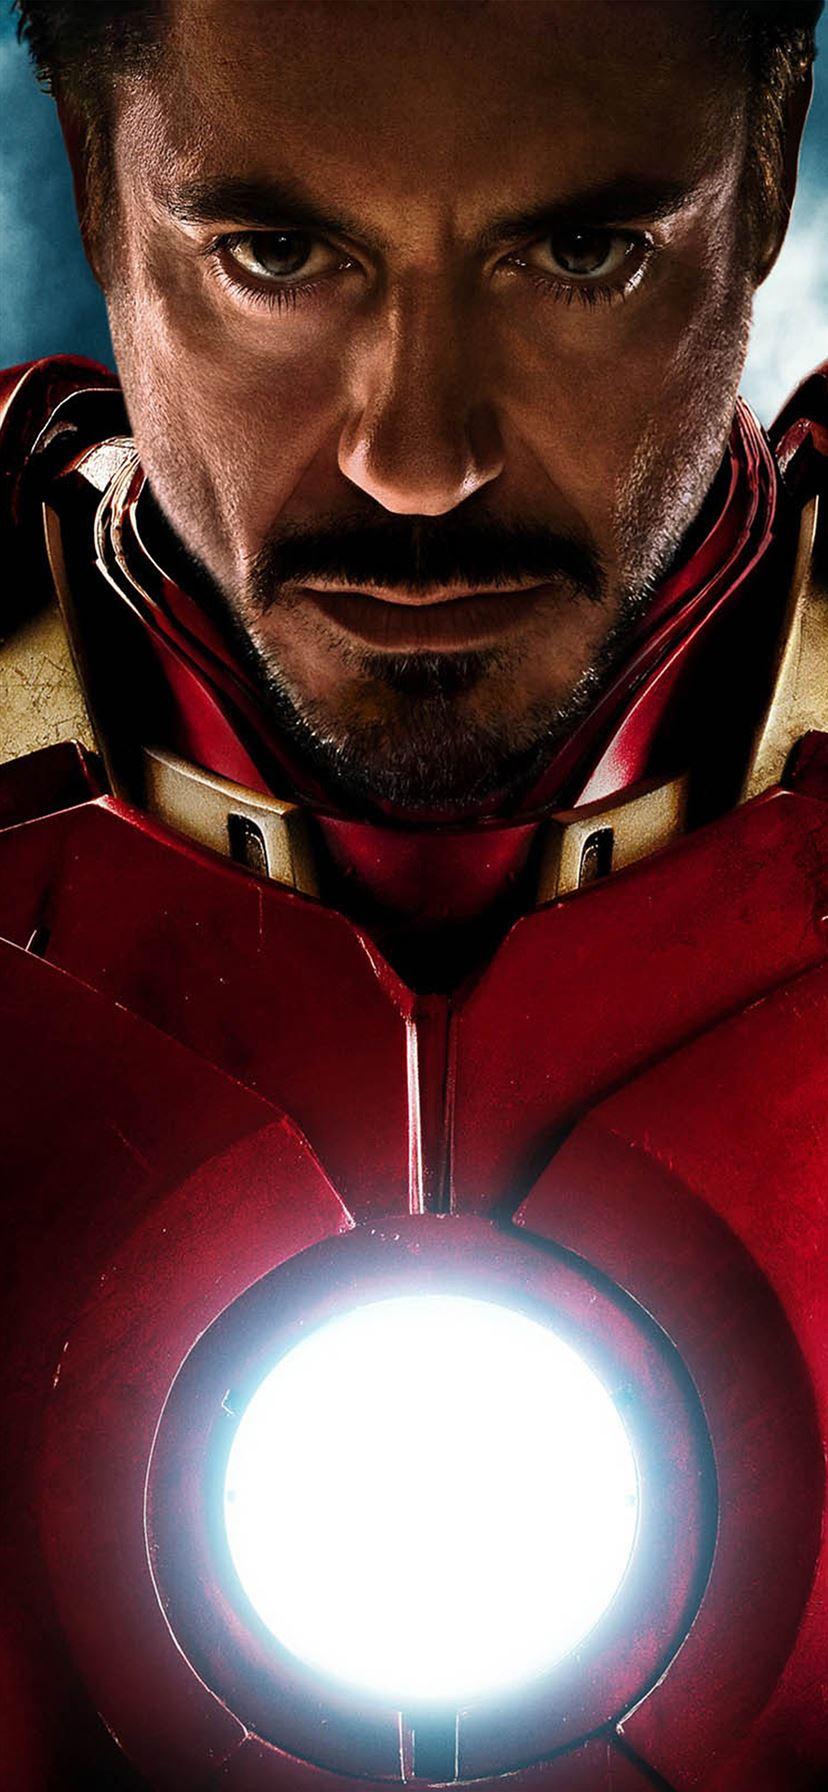 Ironman Angry Hero Superhero Red Avengers Iphone 11